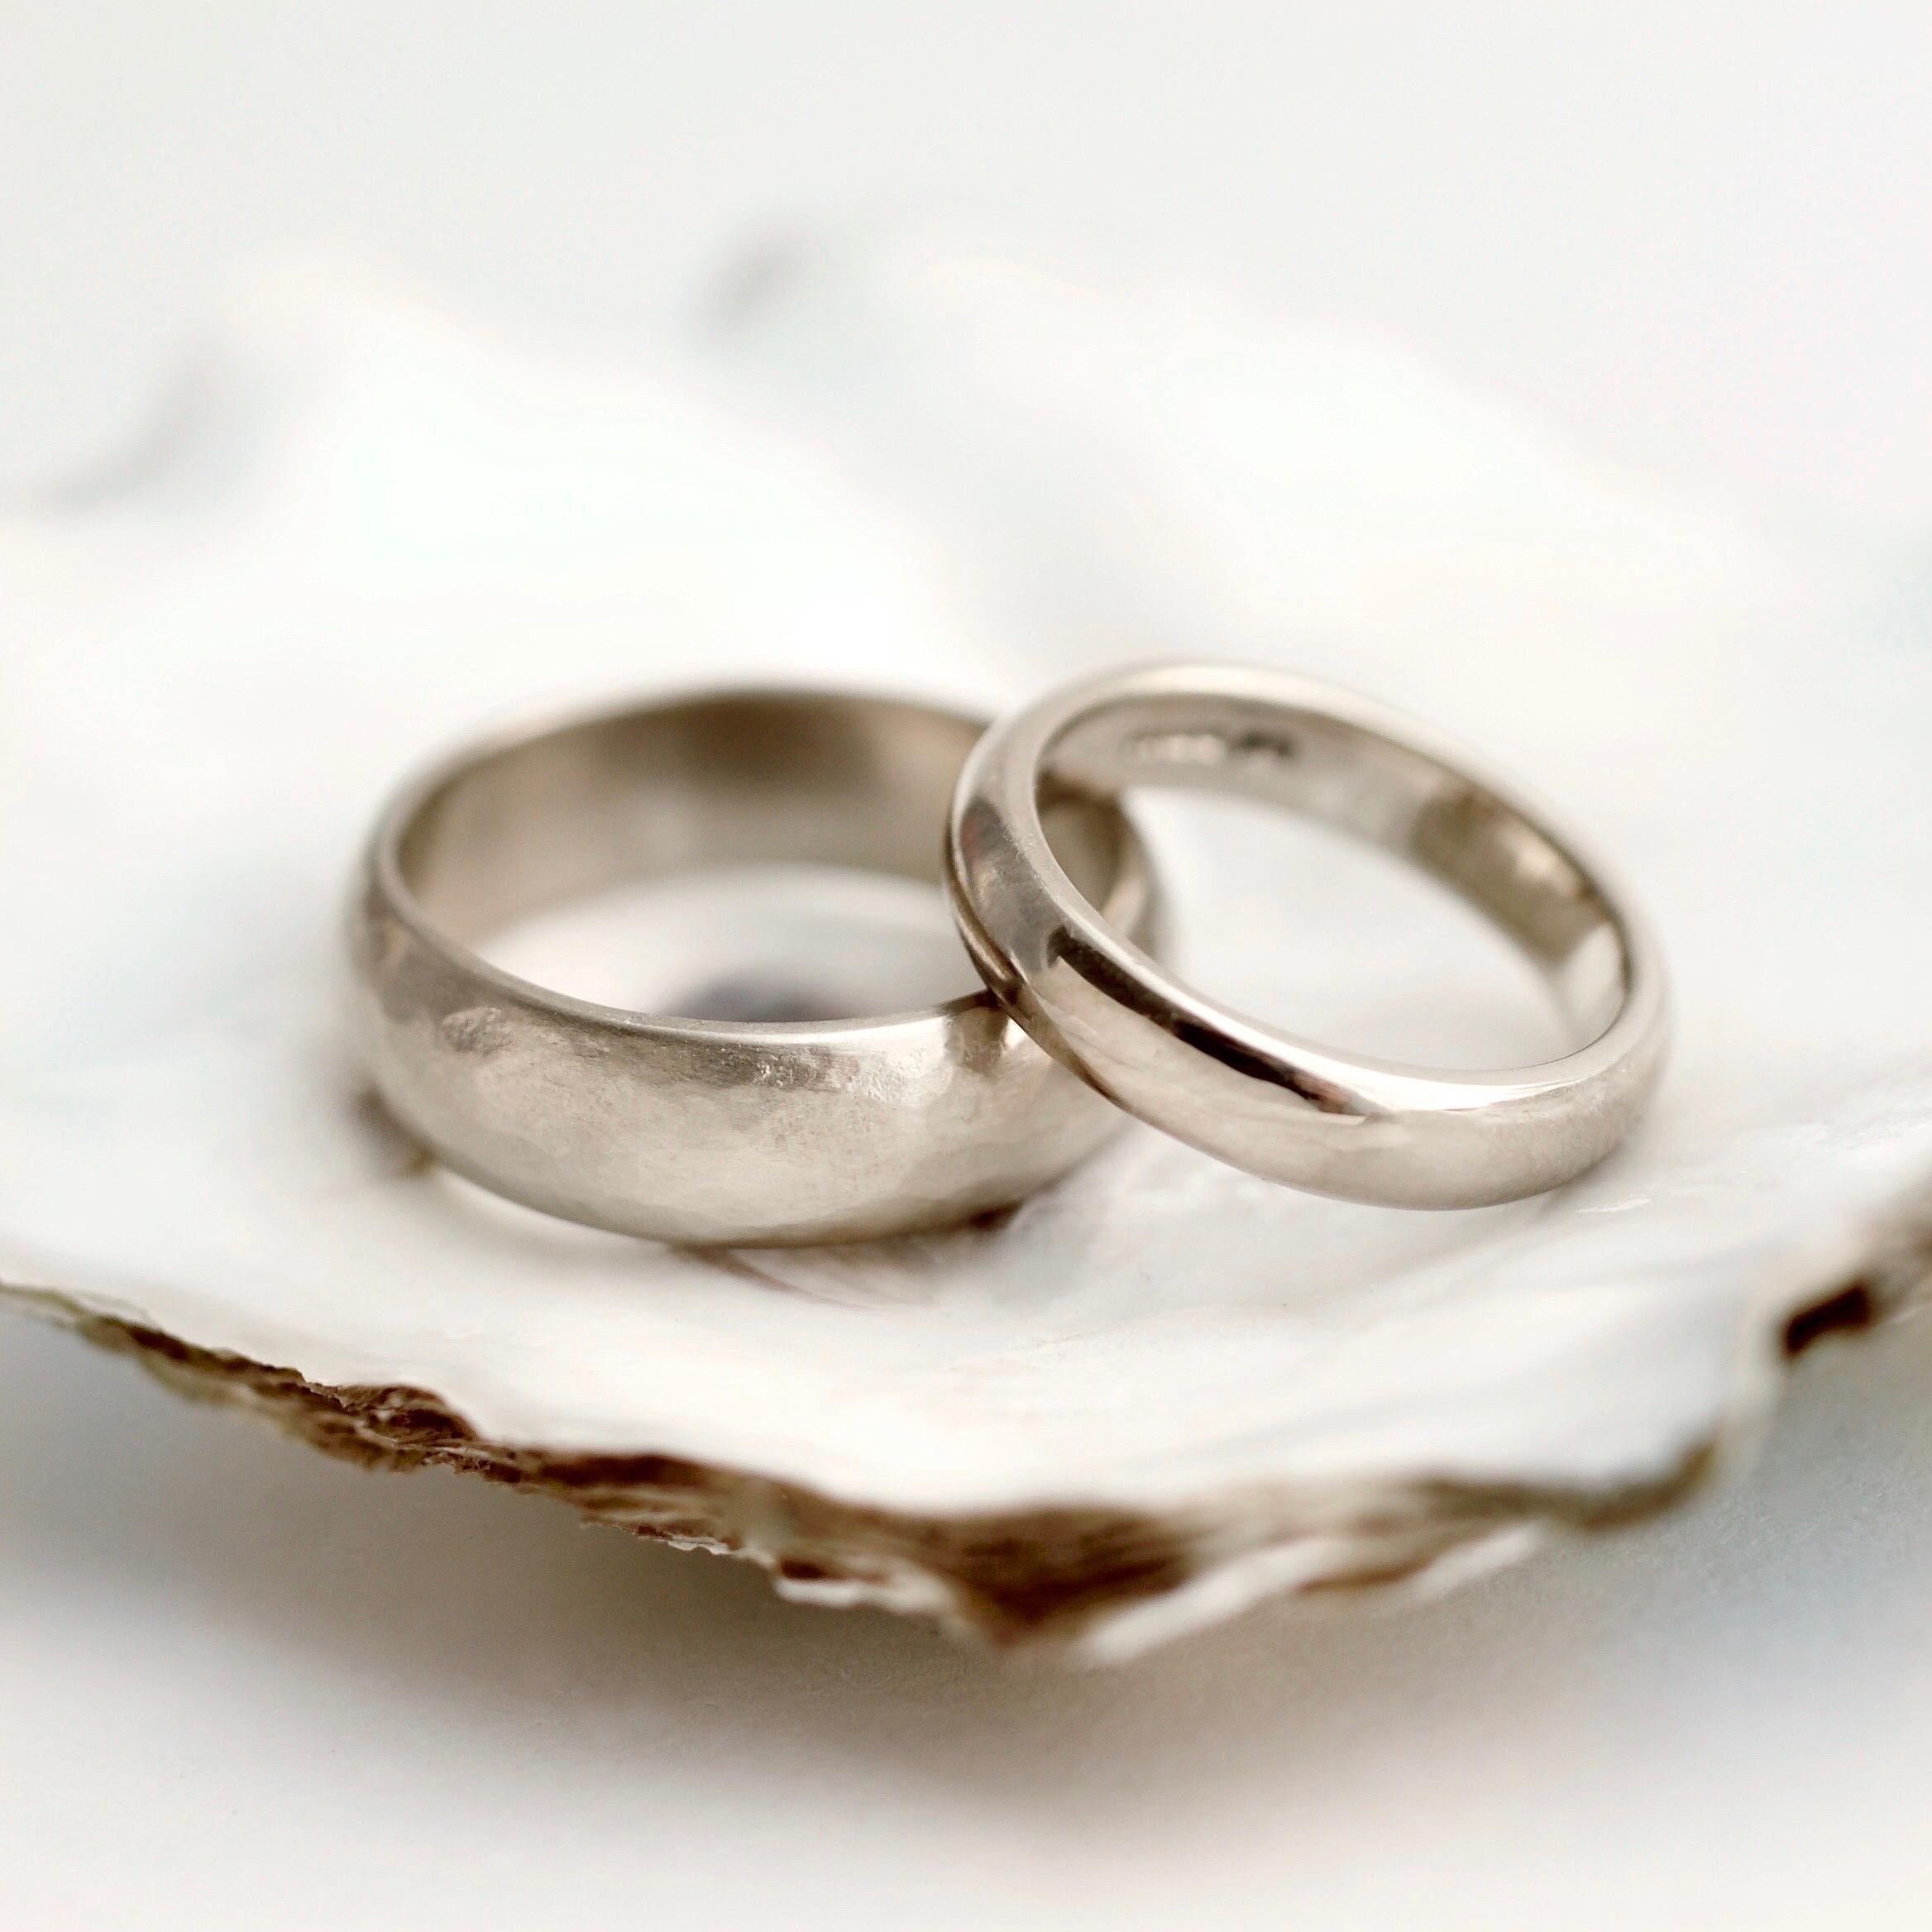 14ct white gold ring set